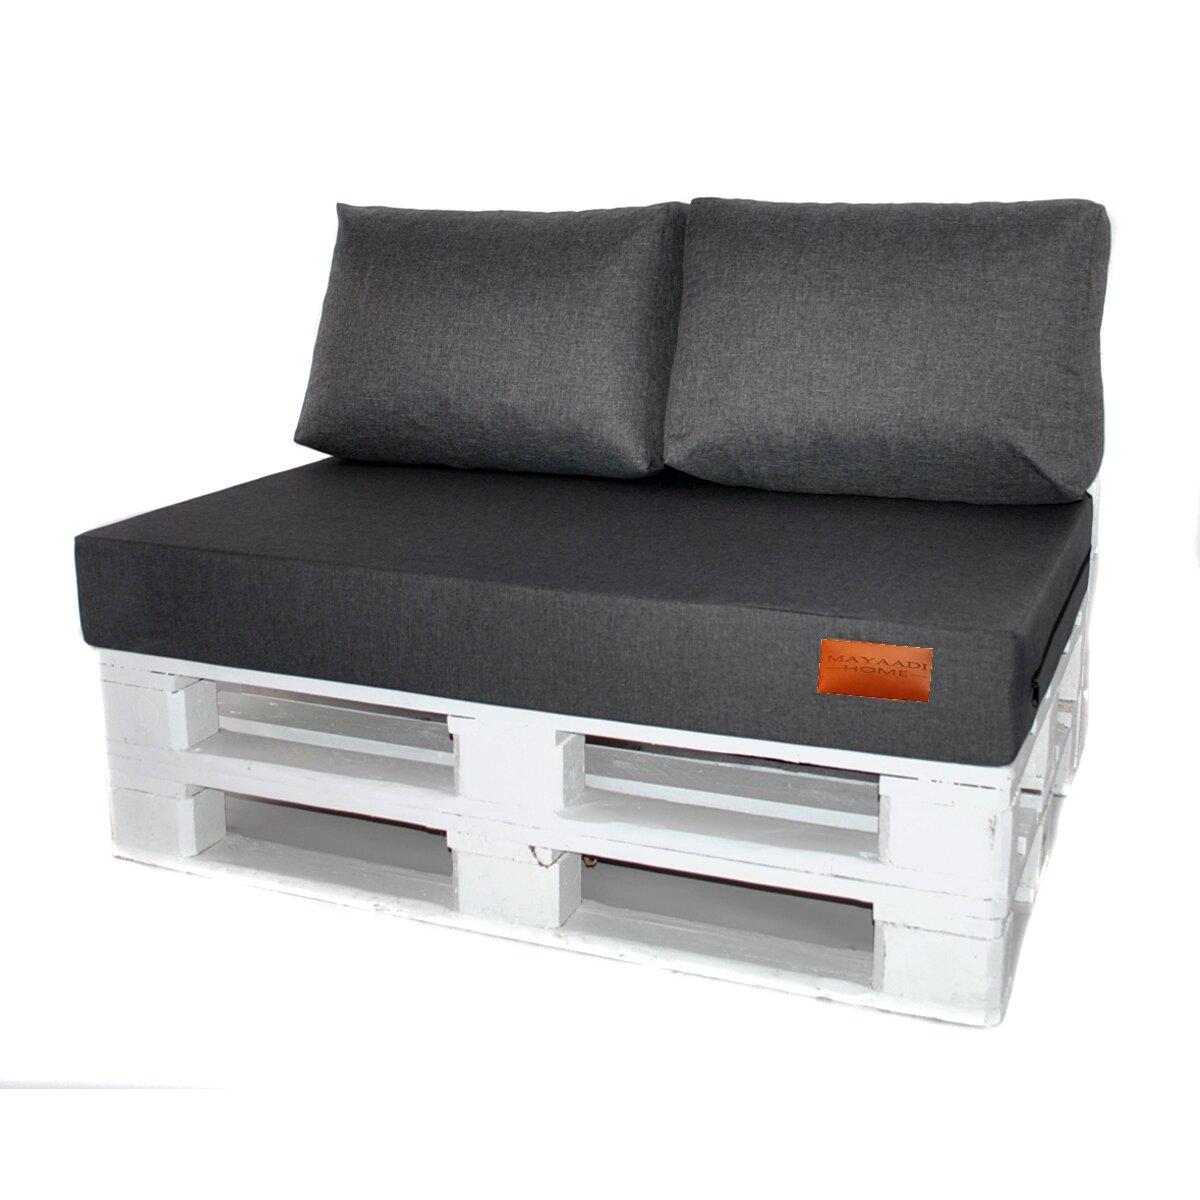 Polster paletten sofa outdoor for Polster fur palettensofa